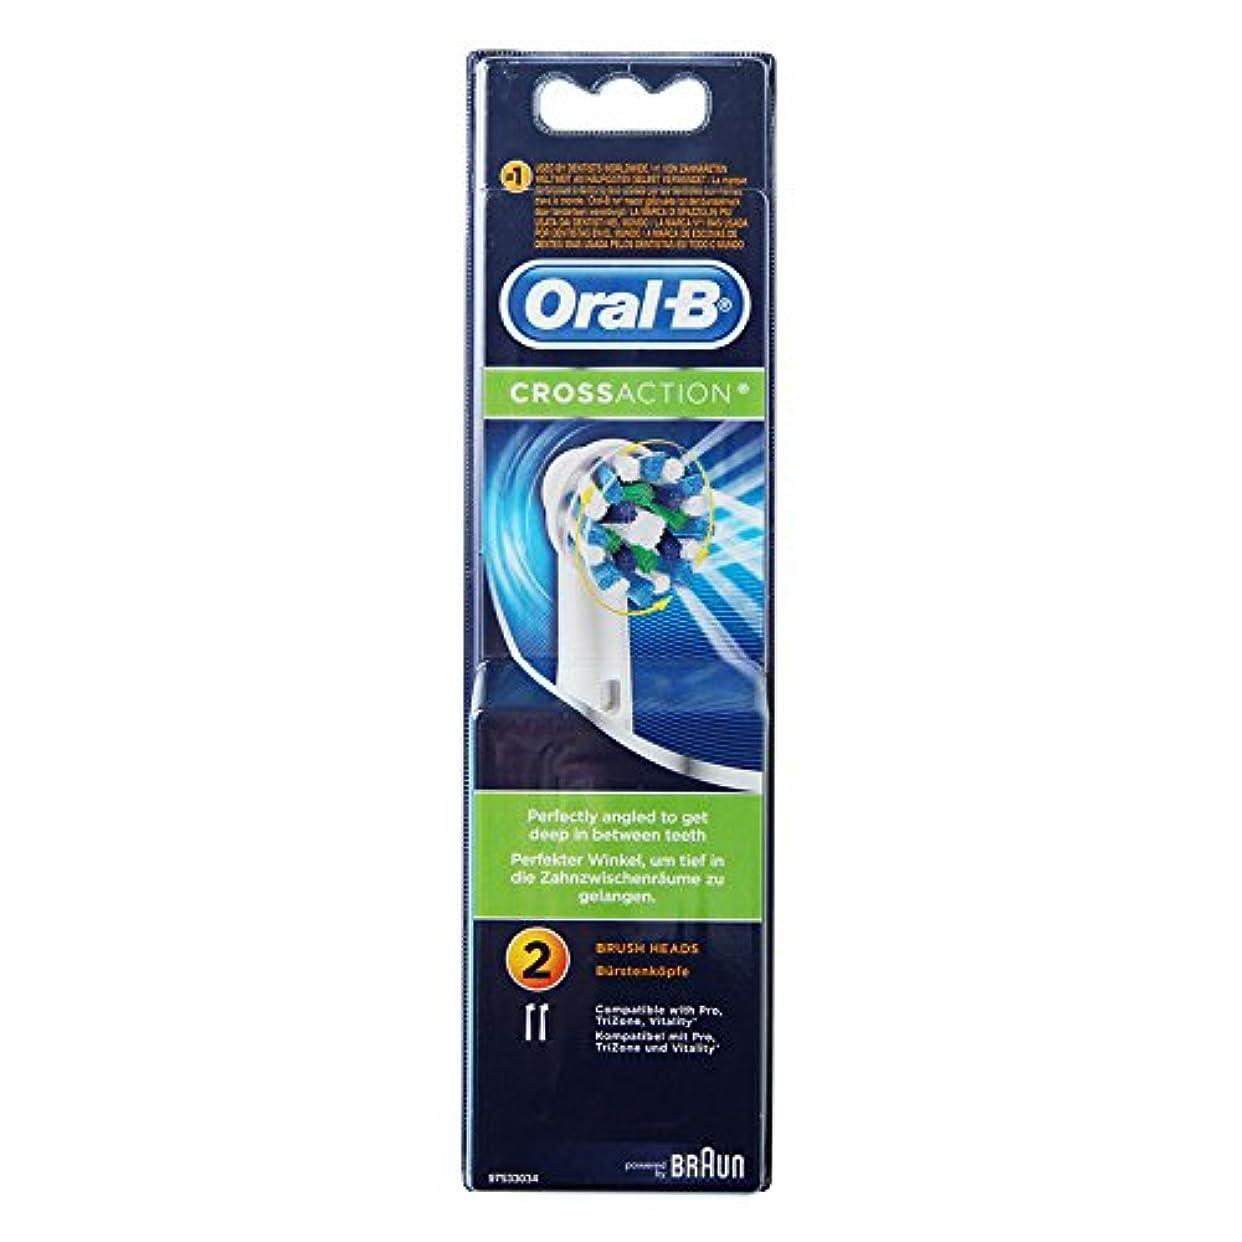 ベーリング海峡状免除するBraun Oral-B EB50-2 Oral-B CrossAction 歯ブラシ交換用ブラシヘッド 1Pack [並行輸入品]